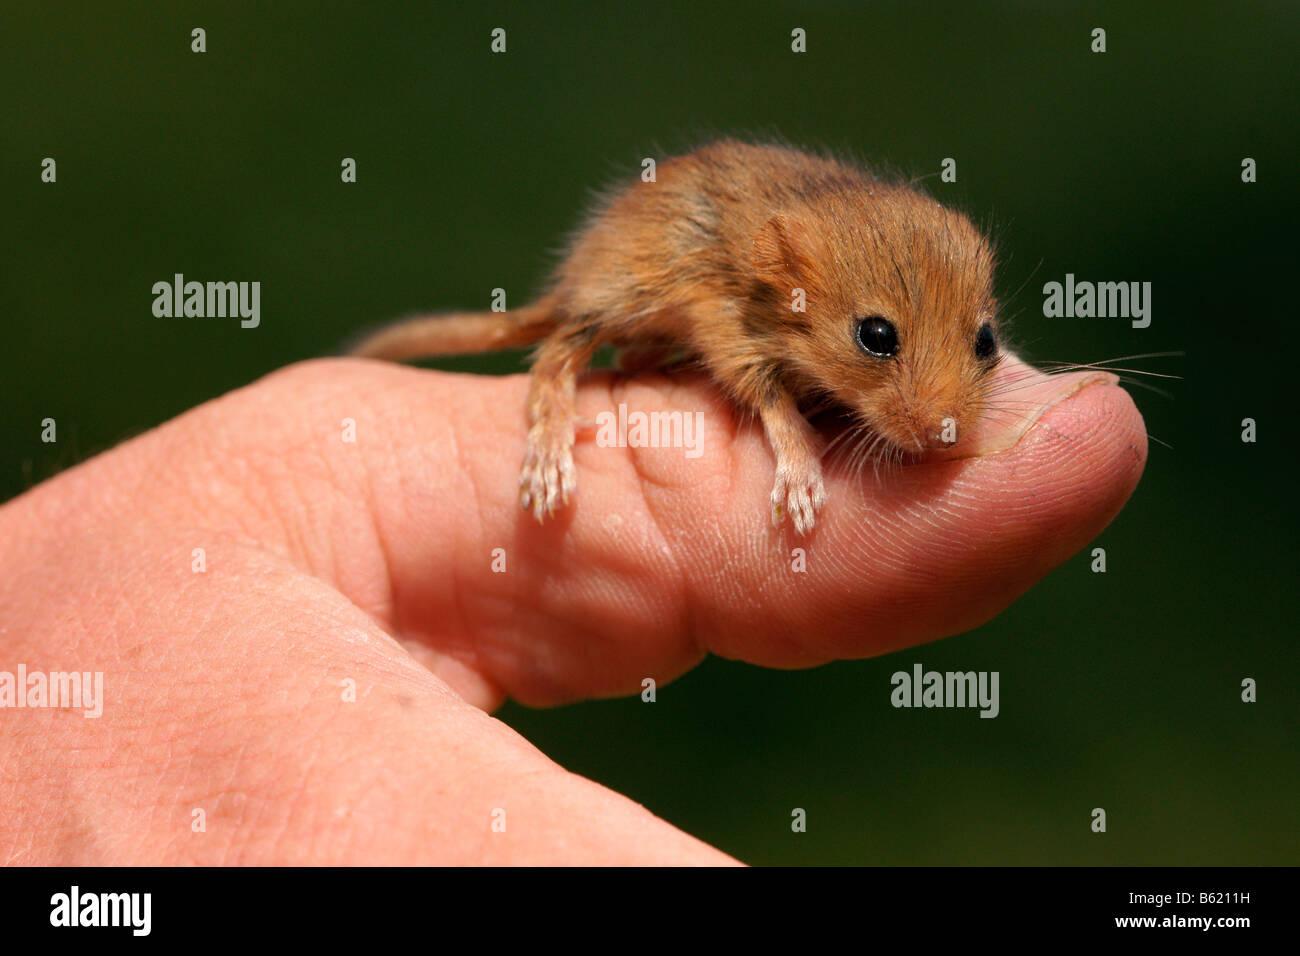 (Muscardinus avellanarius Lirón avellana), PUP, sentado sobre un hombre del dedo pulgar, nurseling Foto de stock